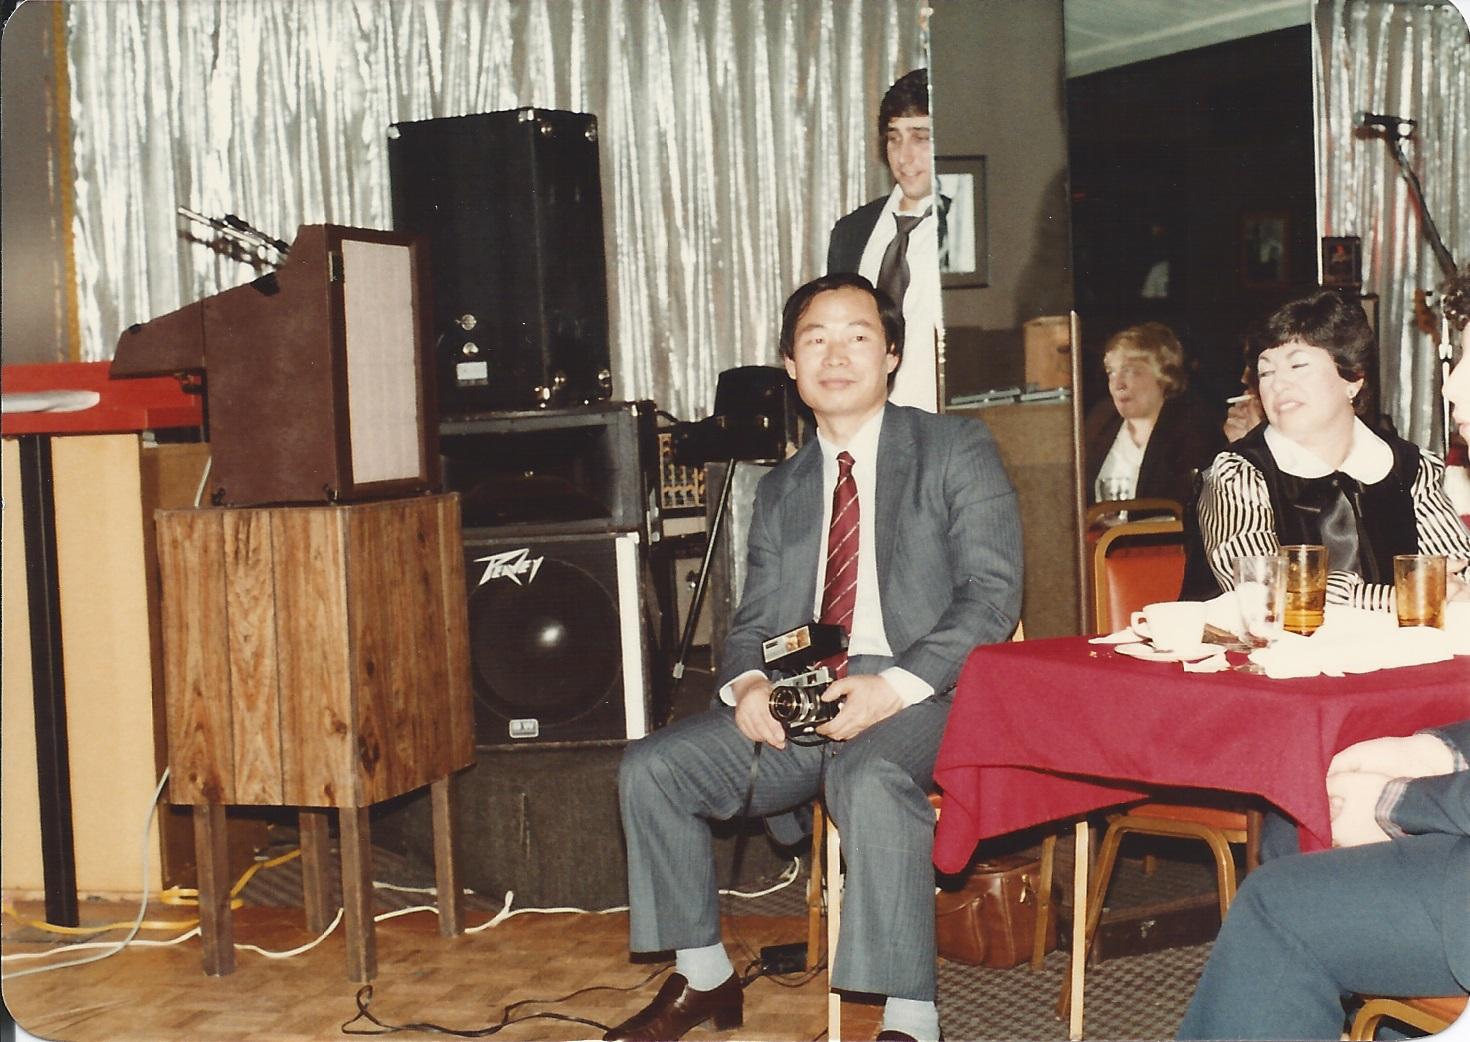 0089 United Tae Kwon Do Banquet Circa 1980.jpg